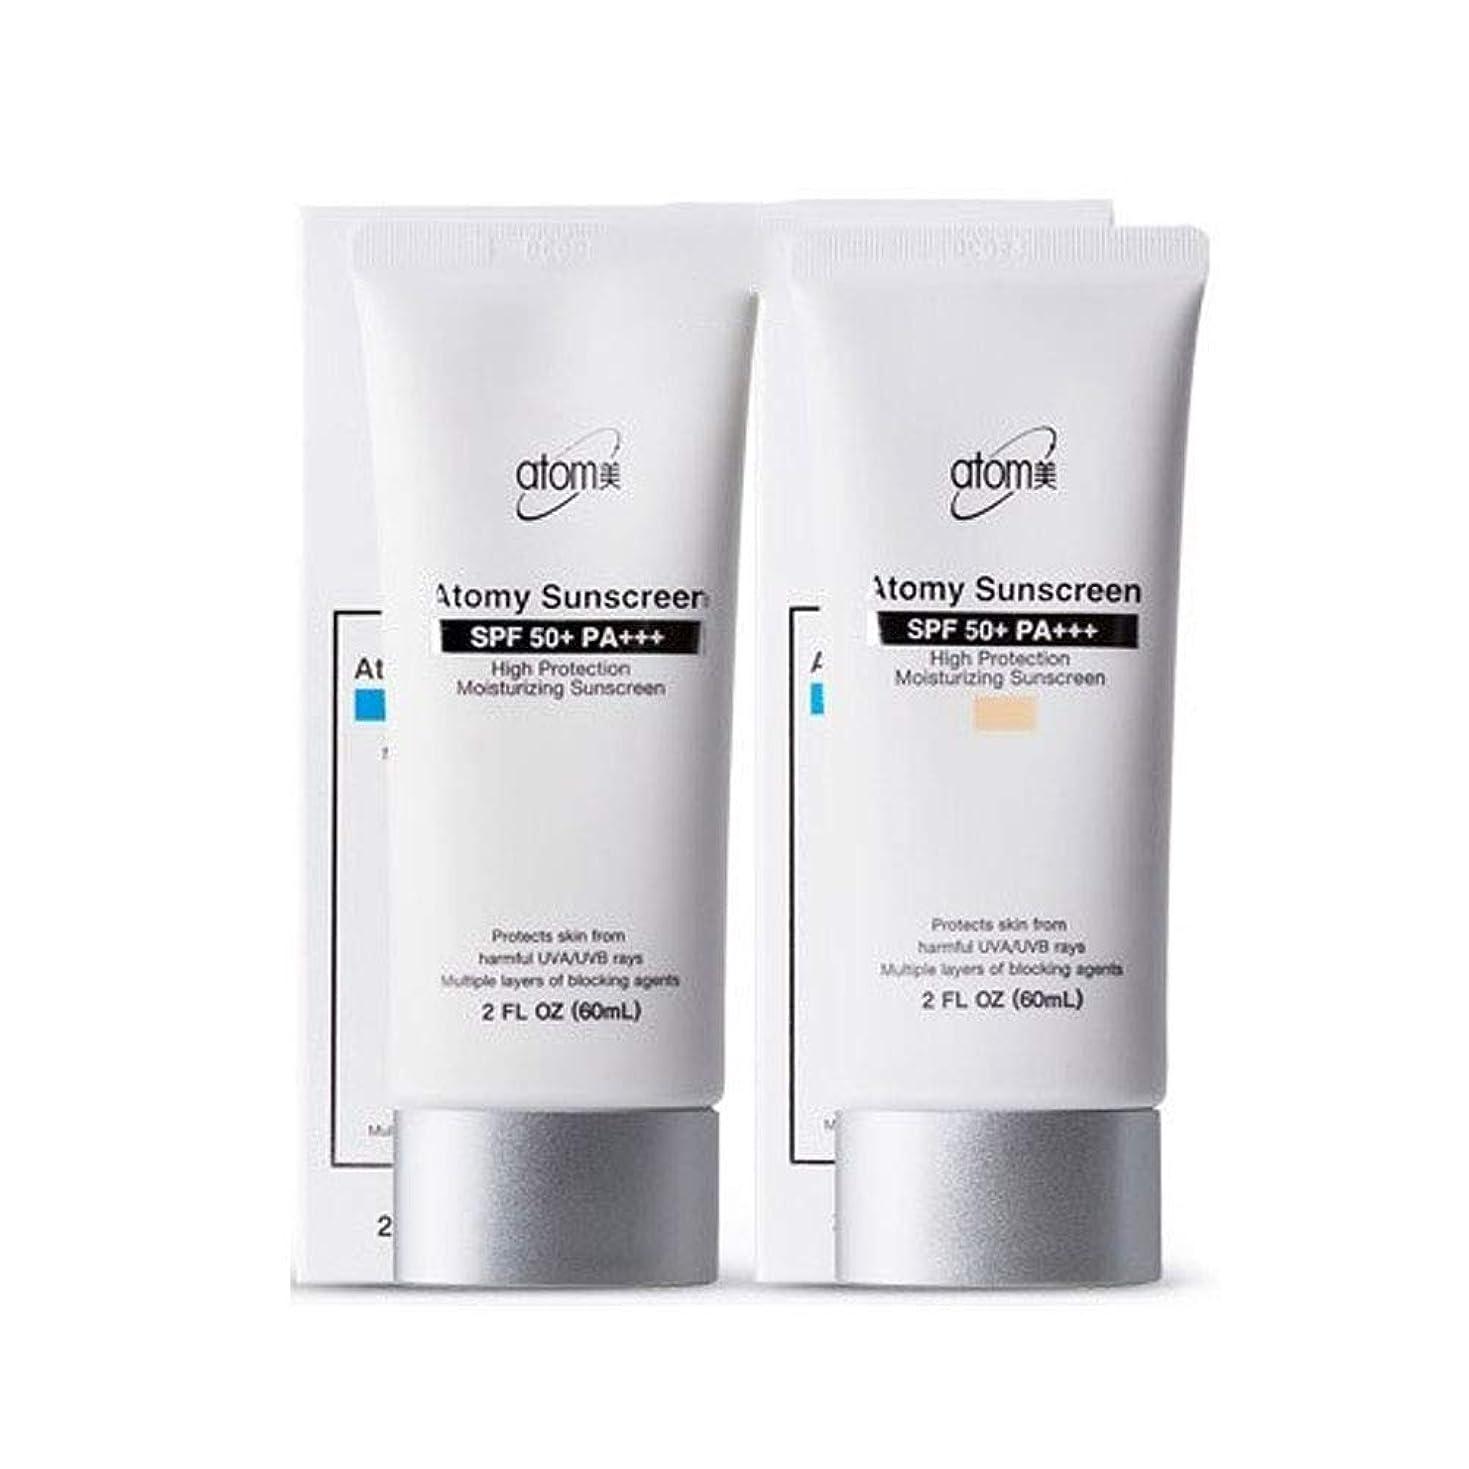 手荷物闘争悪用アトミ(Atomy) サンクリームベージュ+ホワイト(SPF50+/PA+++)60ml、ハイプロテクション、Atomy Sun Cream Beige+White(SPF50+/PA+++)60ml、High Protection[並行輸入品]